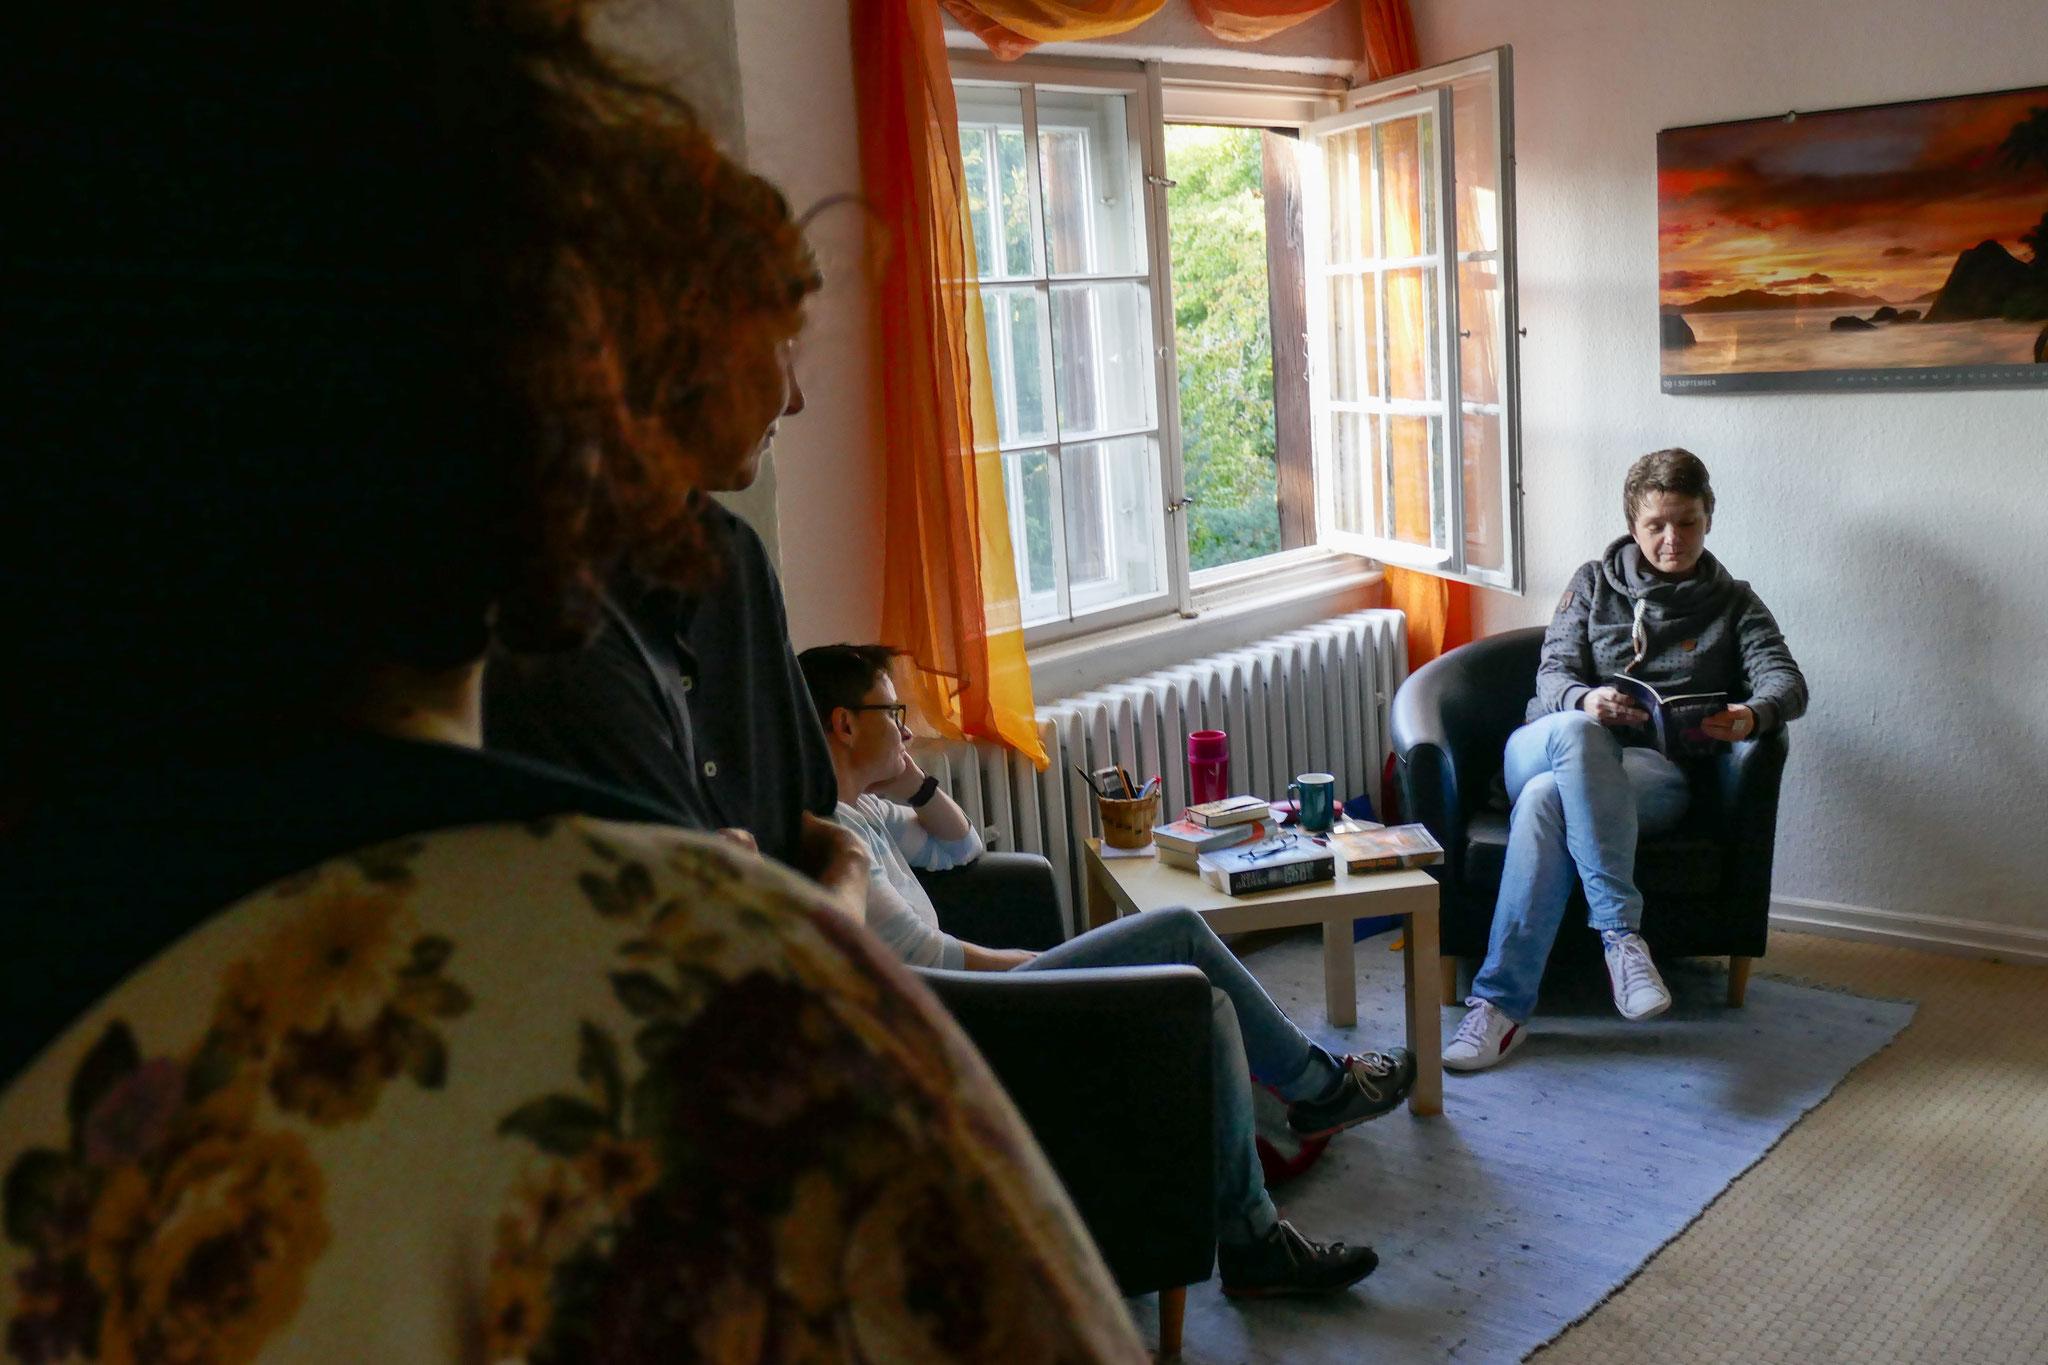 Mirjam Hoff las aus Werken verschiedener Autor*innen.